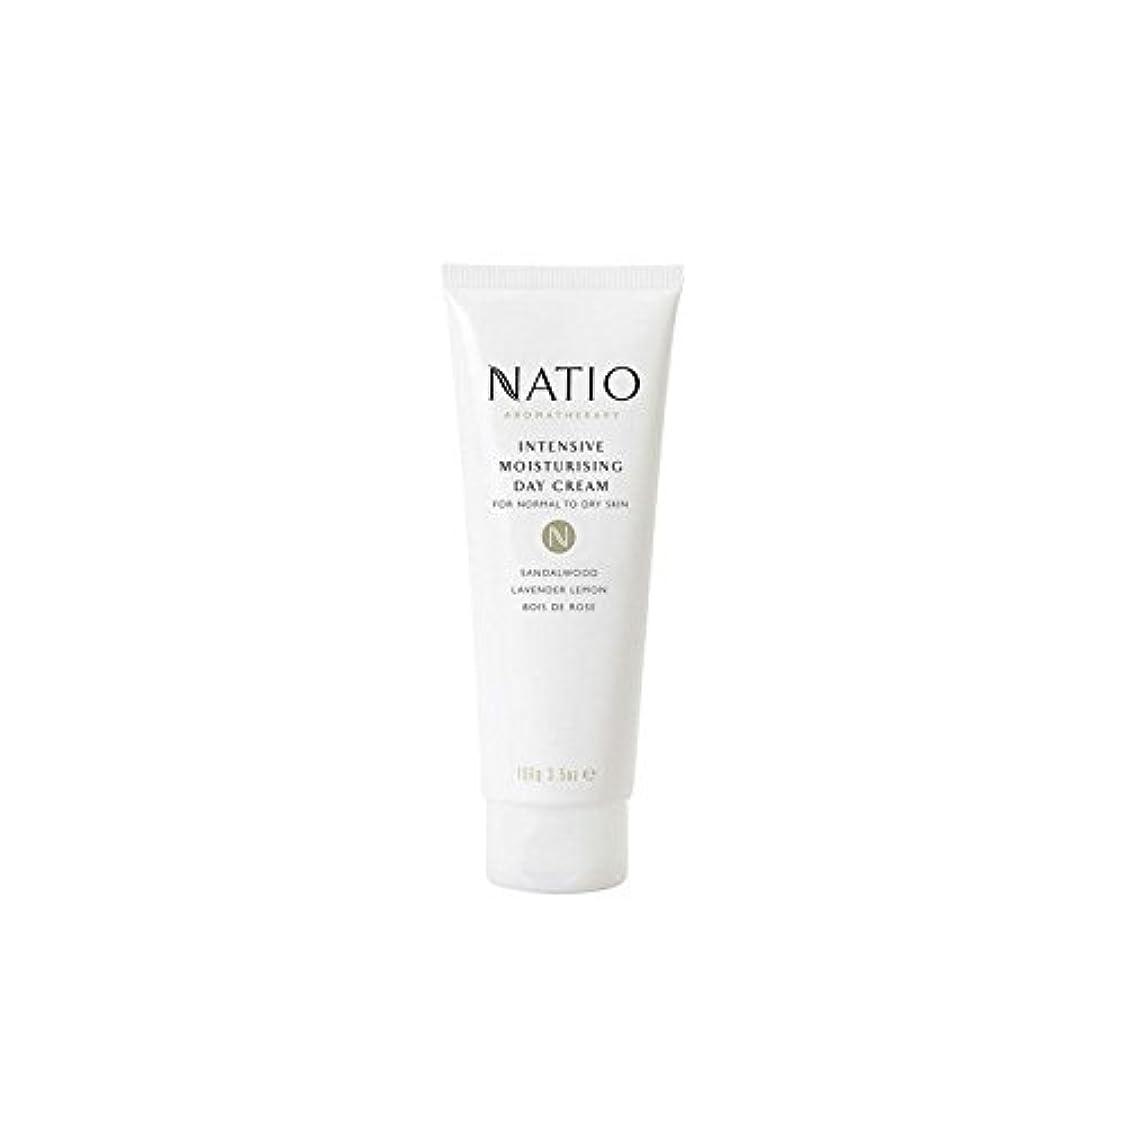 告発者宝概要Natio Intensive Moisturising Day Cream (100G) - 集中的な保湿デイクリーム(100グラム) [並行輸入品]